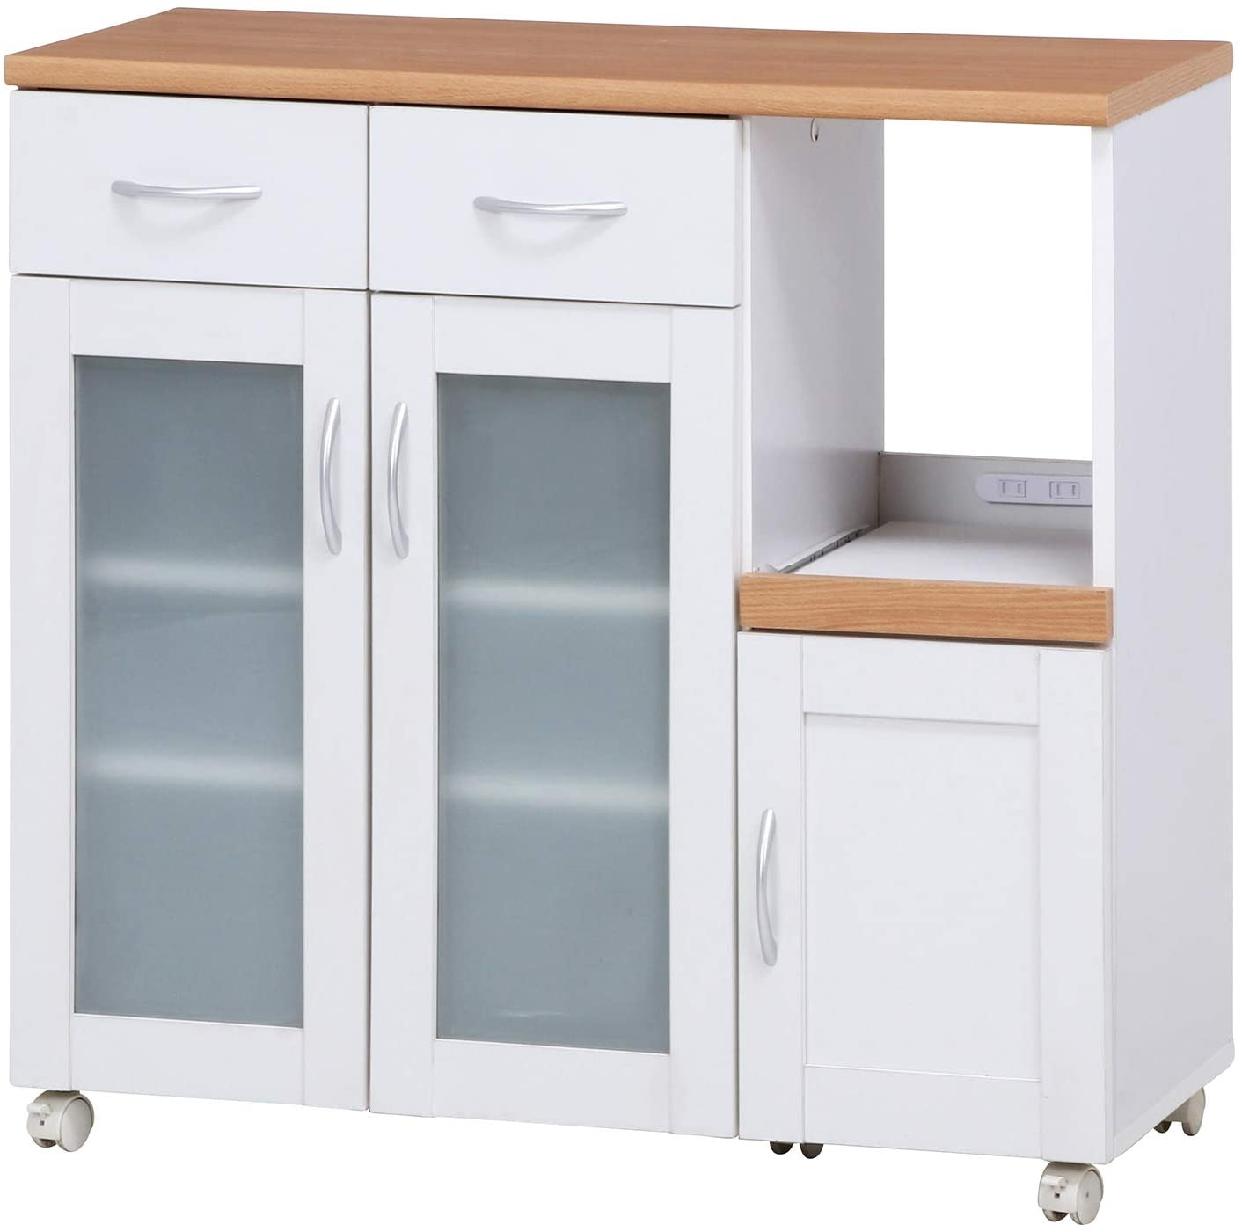 Sage(サージュ)キッチンカウンター 96819 幅90cmの商品画像